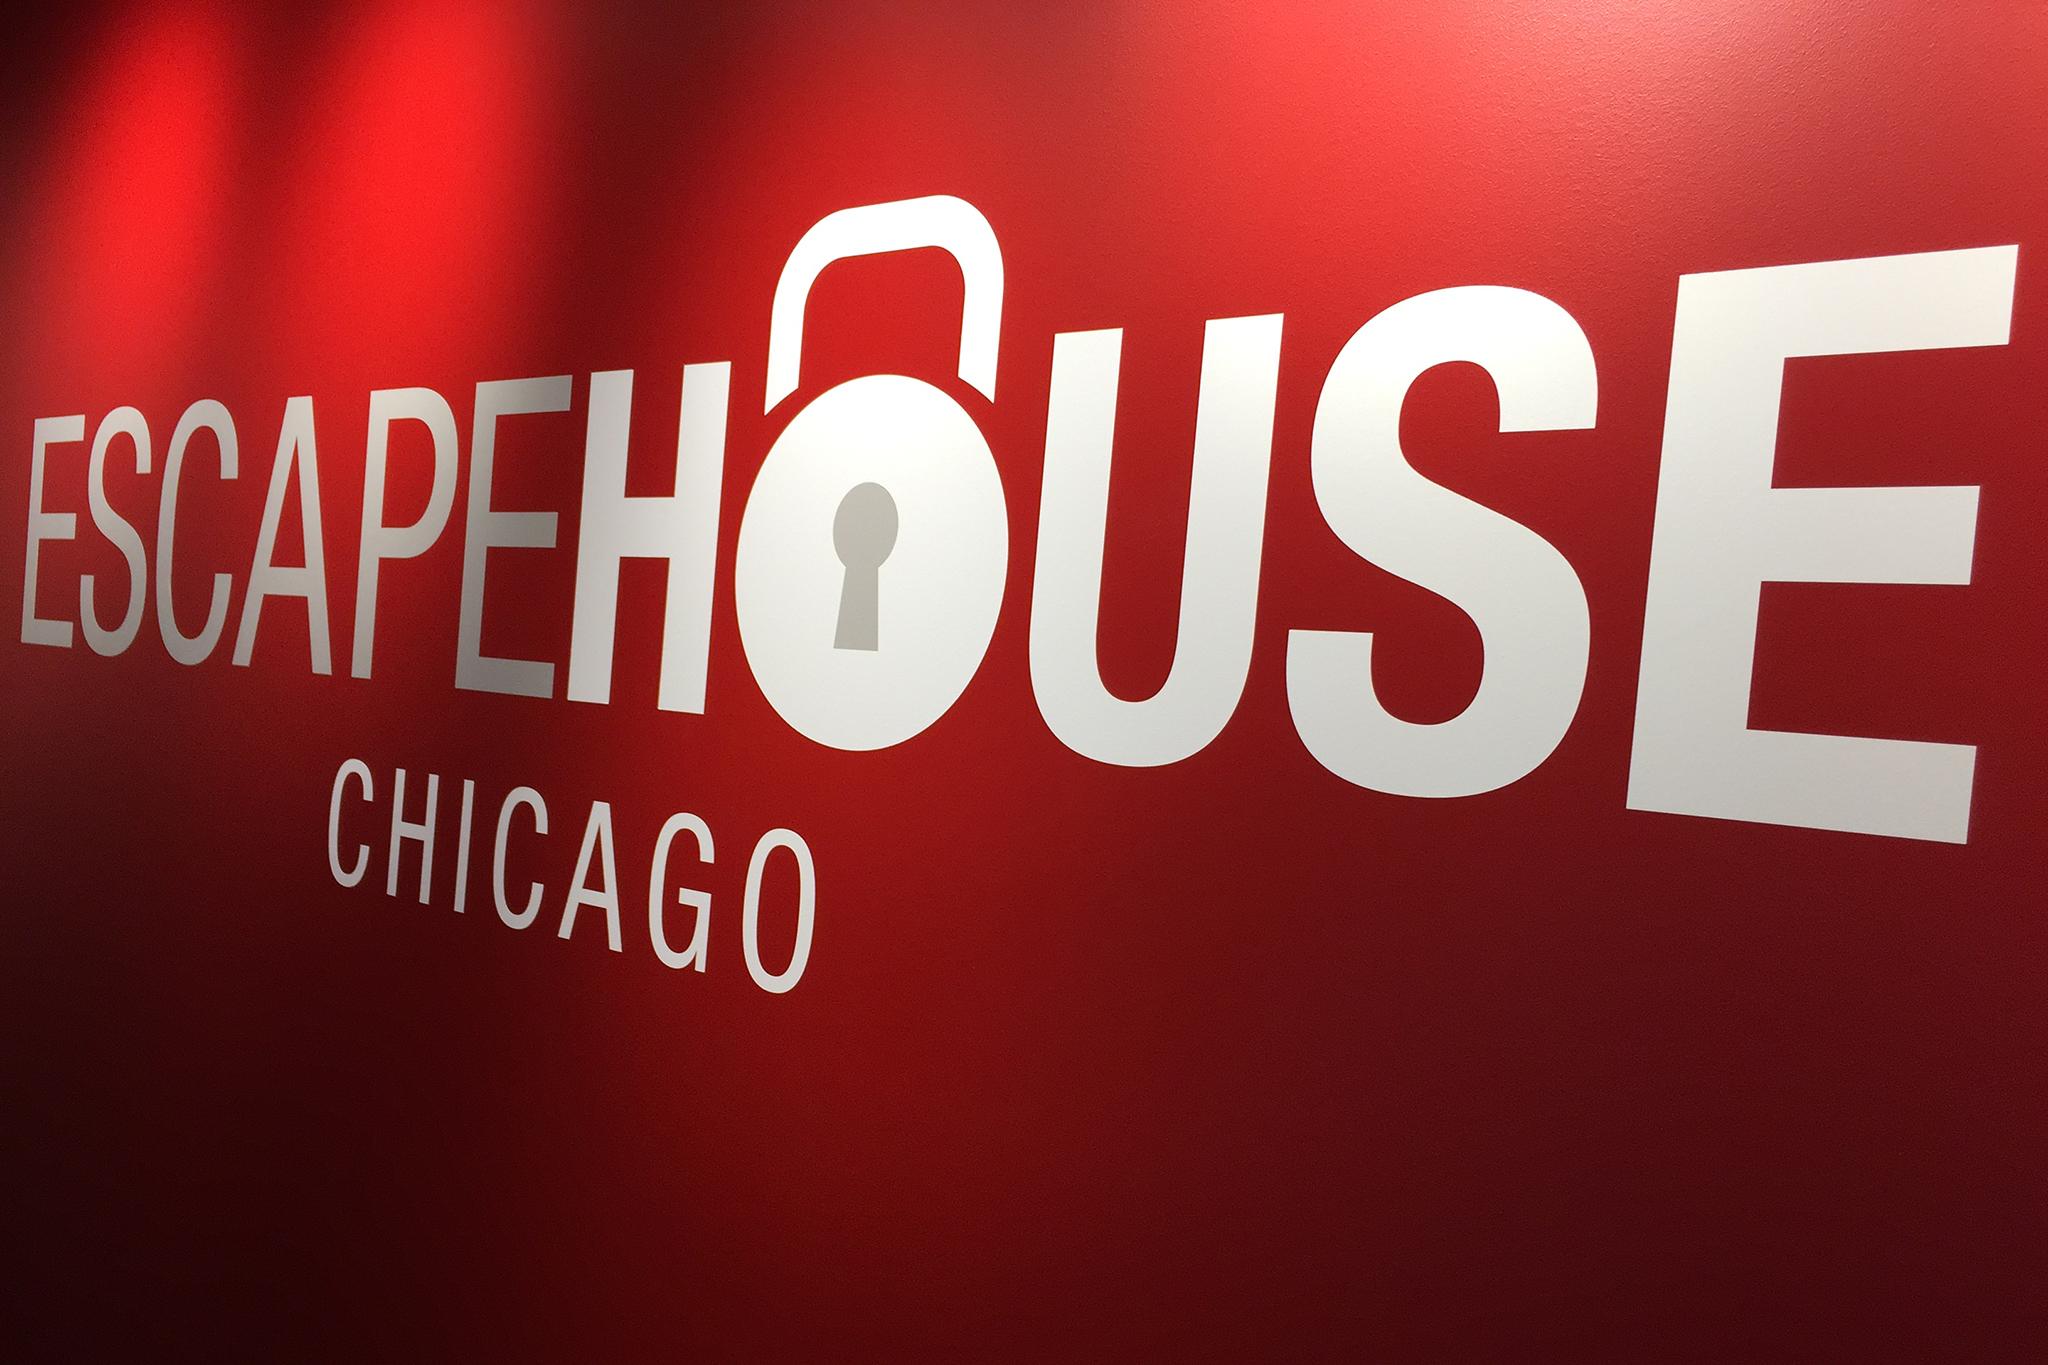 EscapeHouse